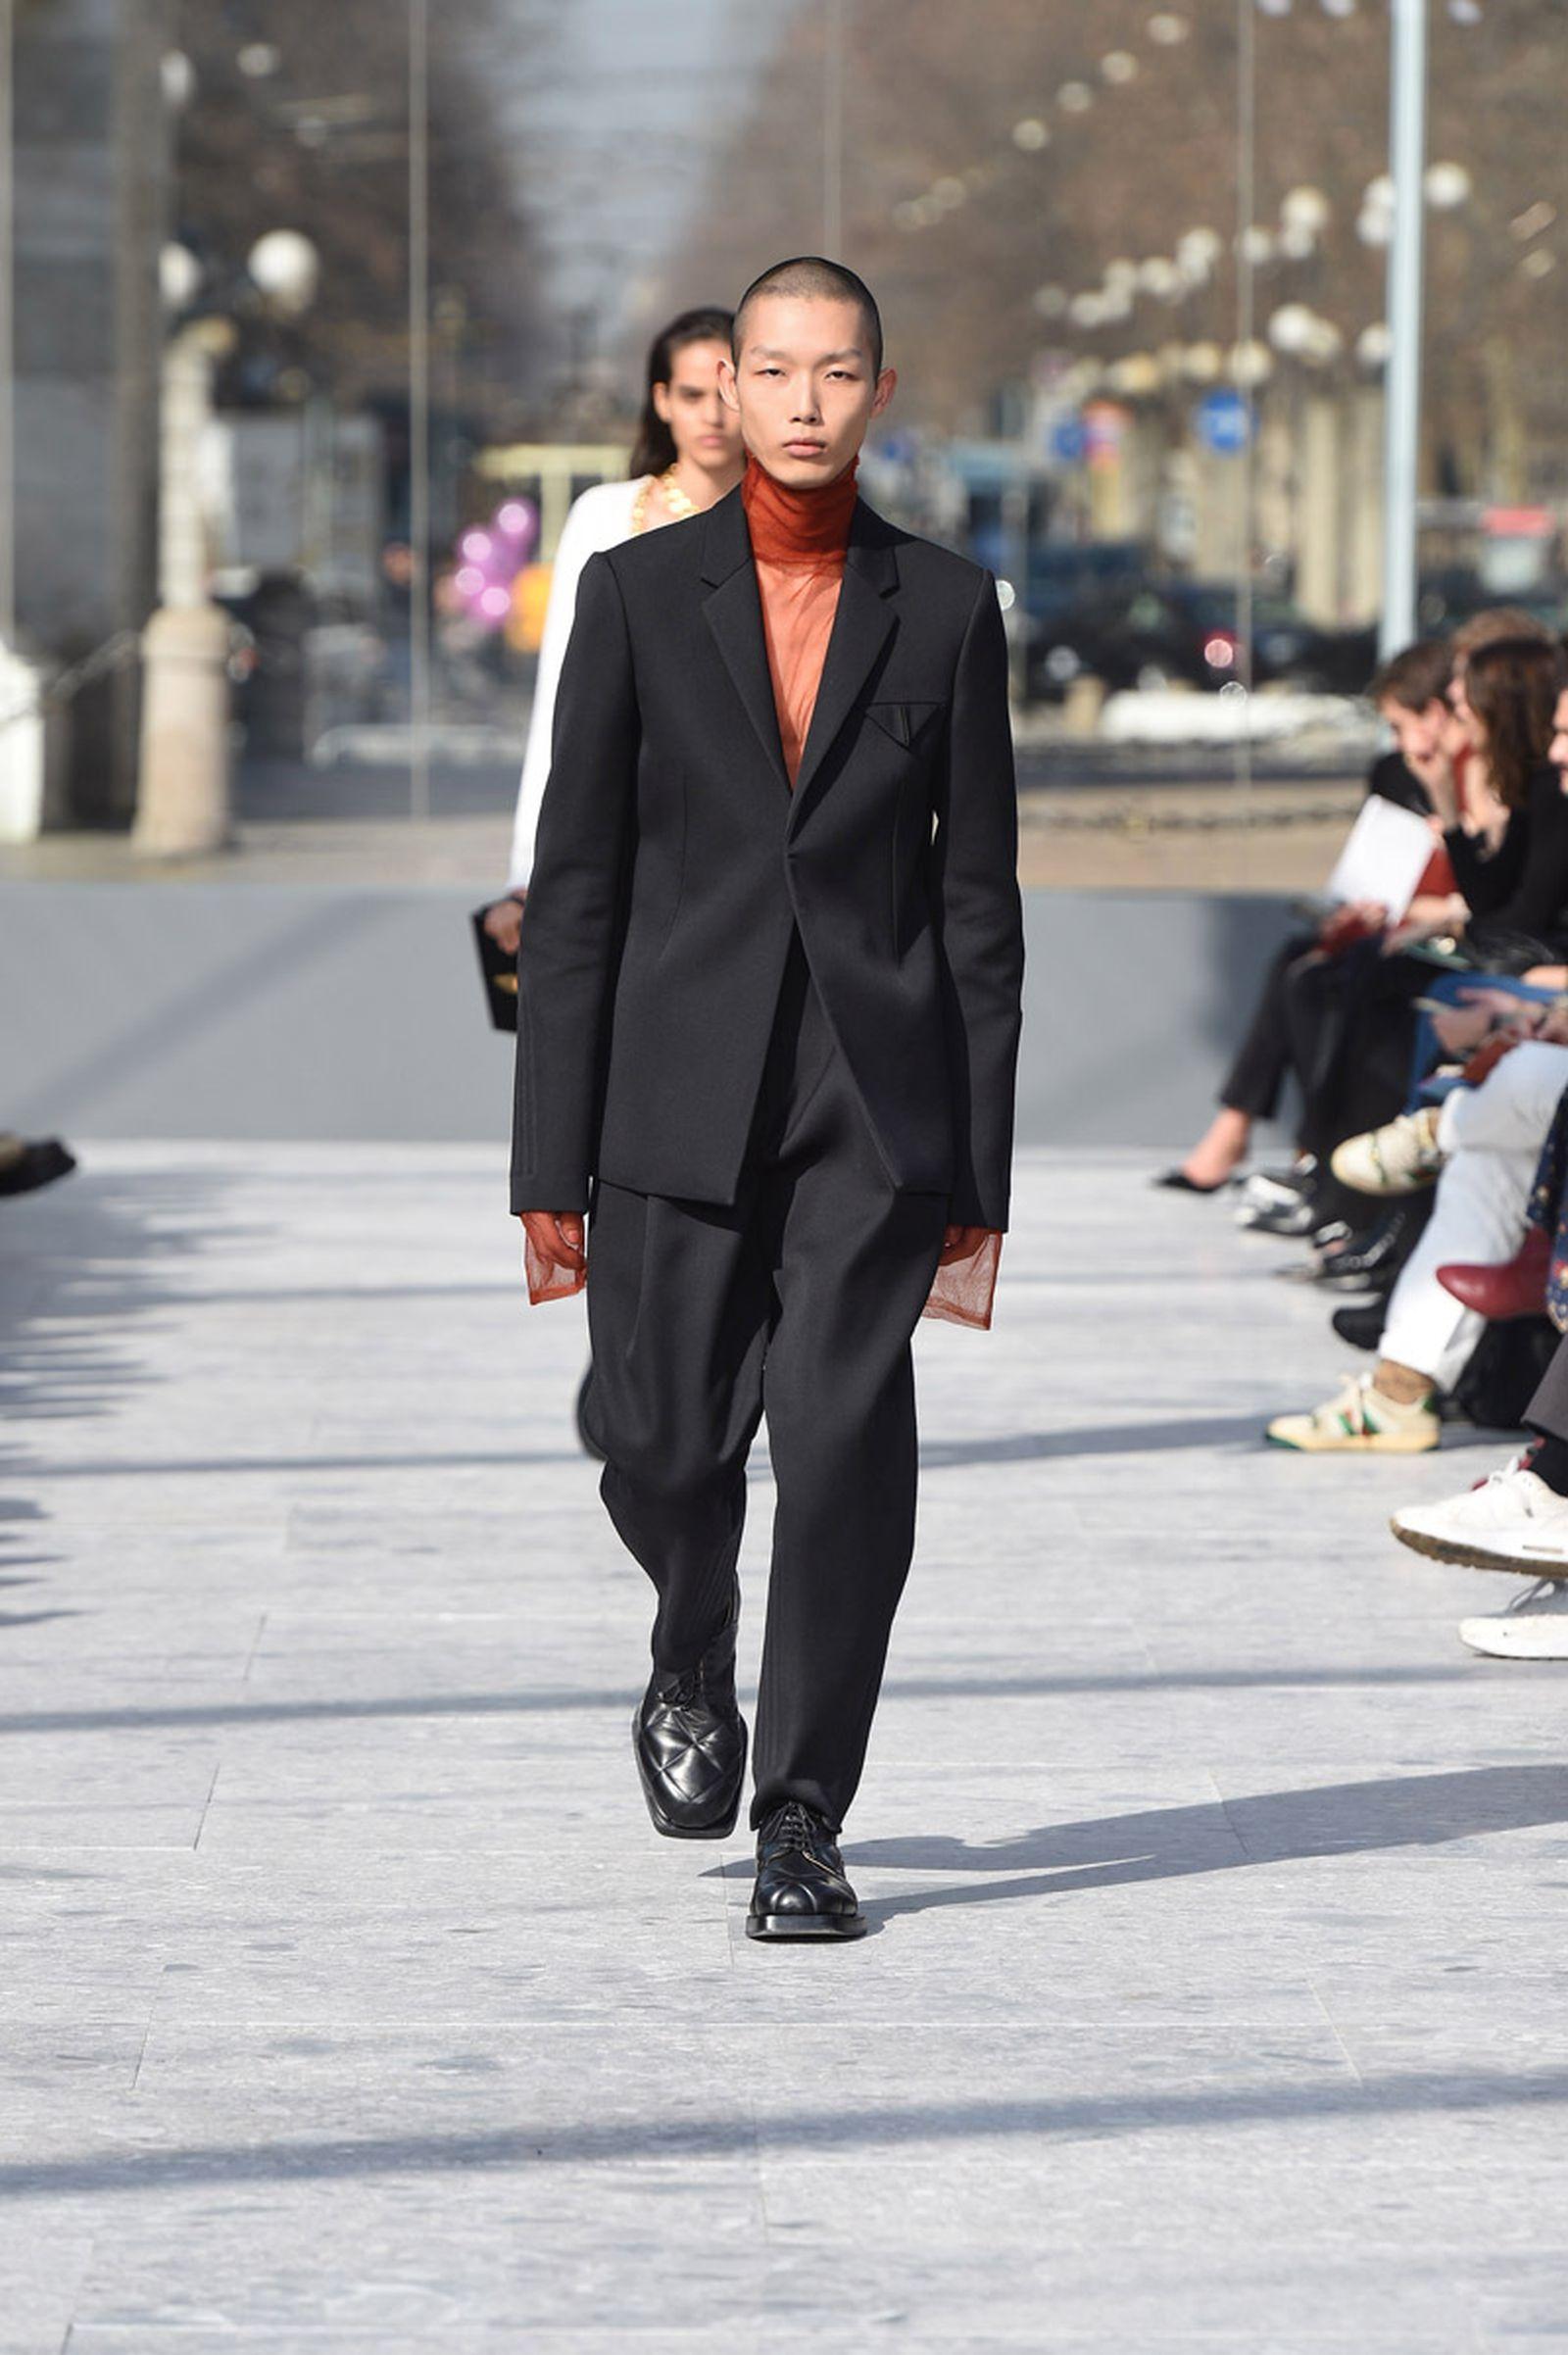 bottega-veneta-is-bringing-timeless-luxury-back-to-fashion-02